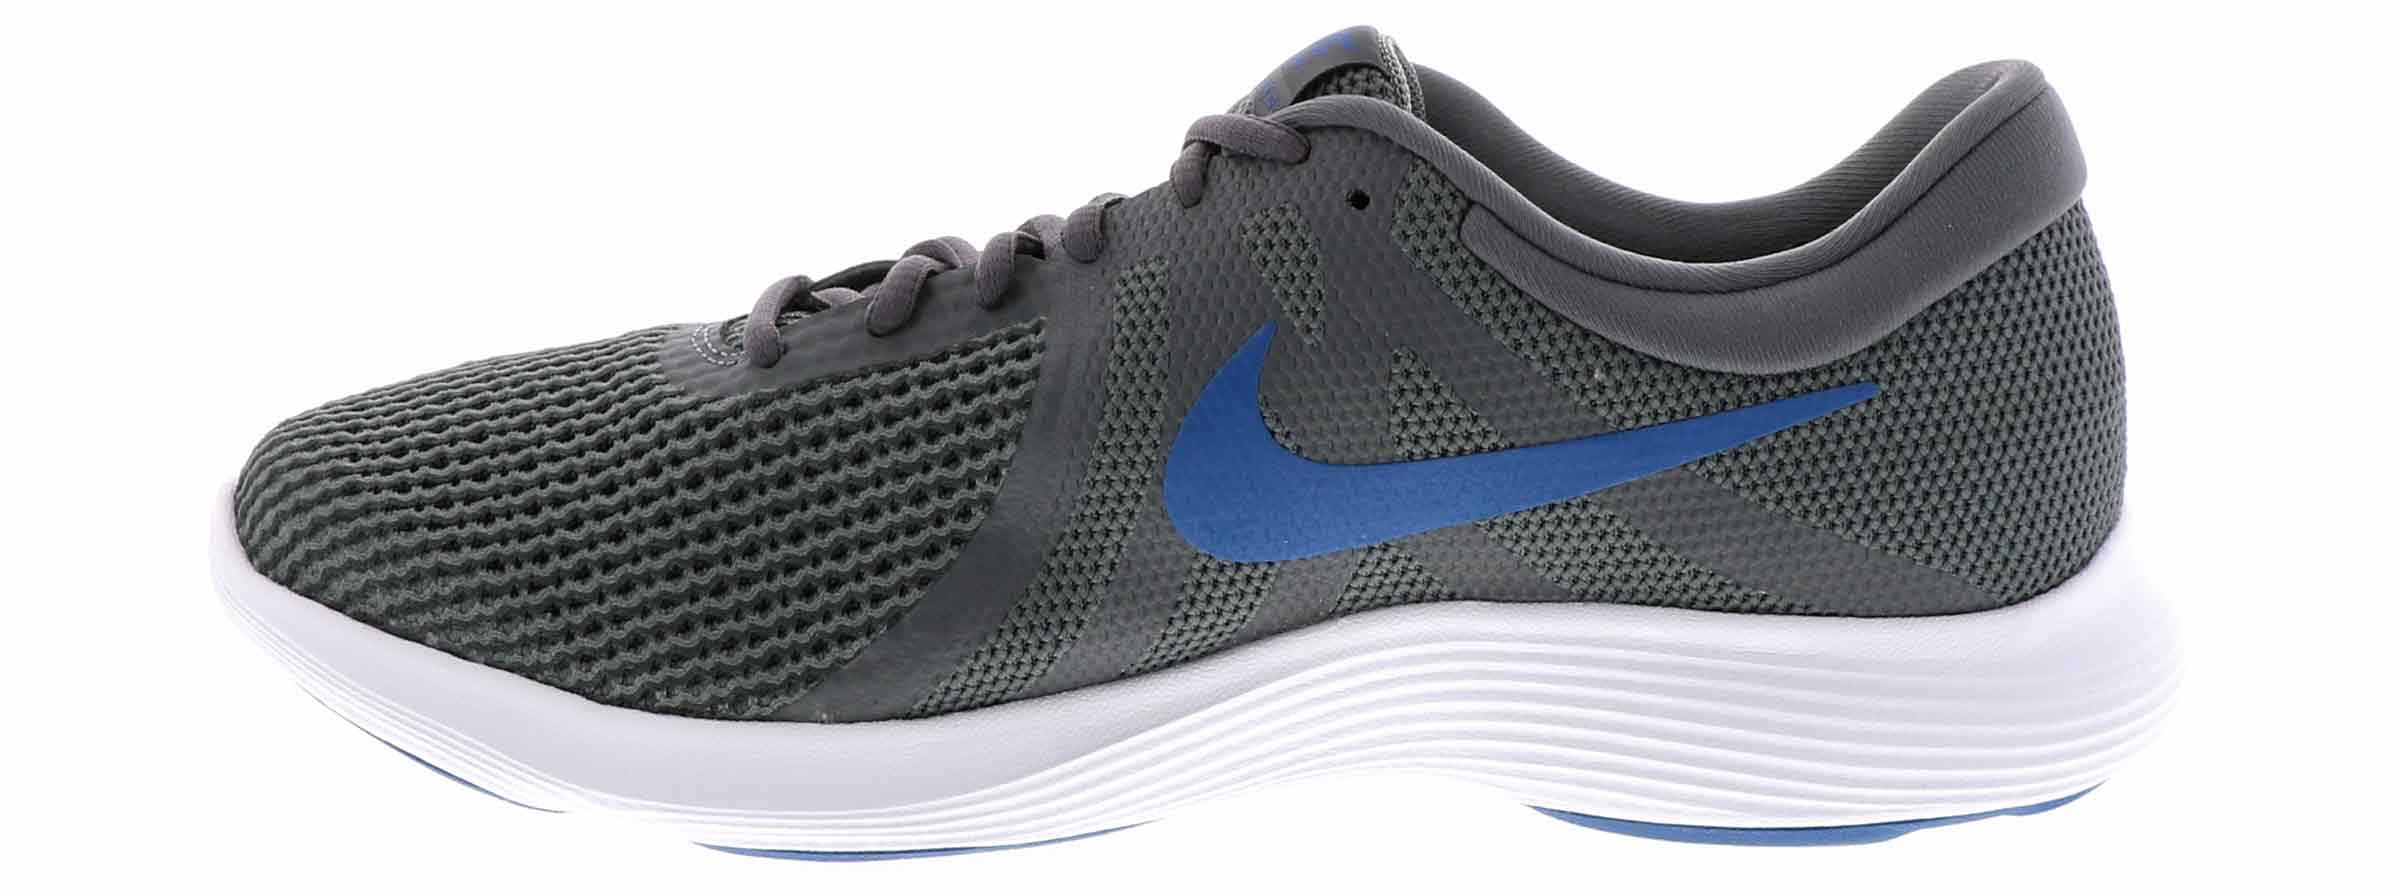 brand new e09cf 3f2da Men's Nike Revolution 4